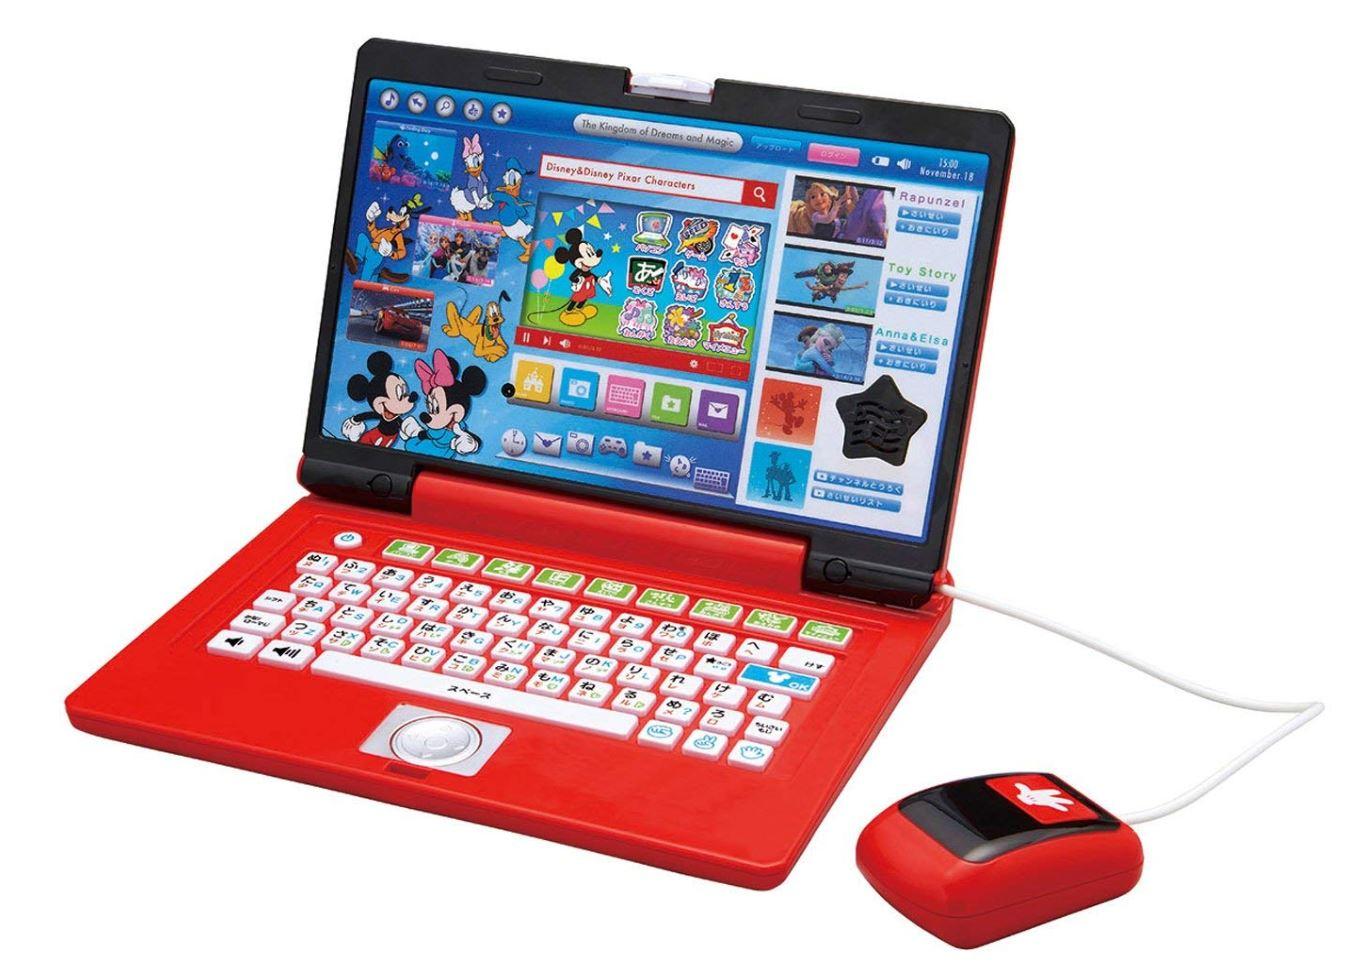 ディズニー&ディズニー/ピクサーキャラクターズワンダフルドリームパソコン ※ラッピング希望の場合は、商品名「ギフトラッピング」を同時にご注文下さい